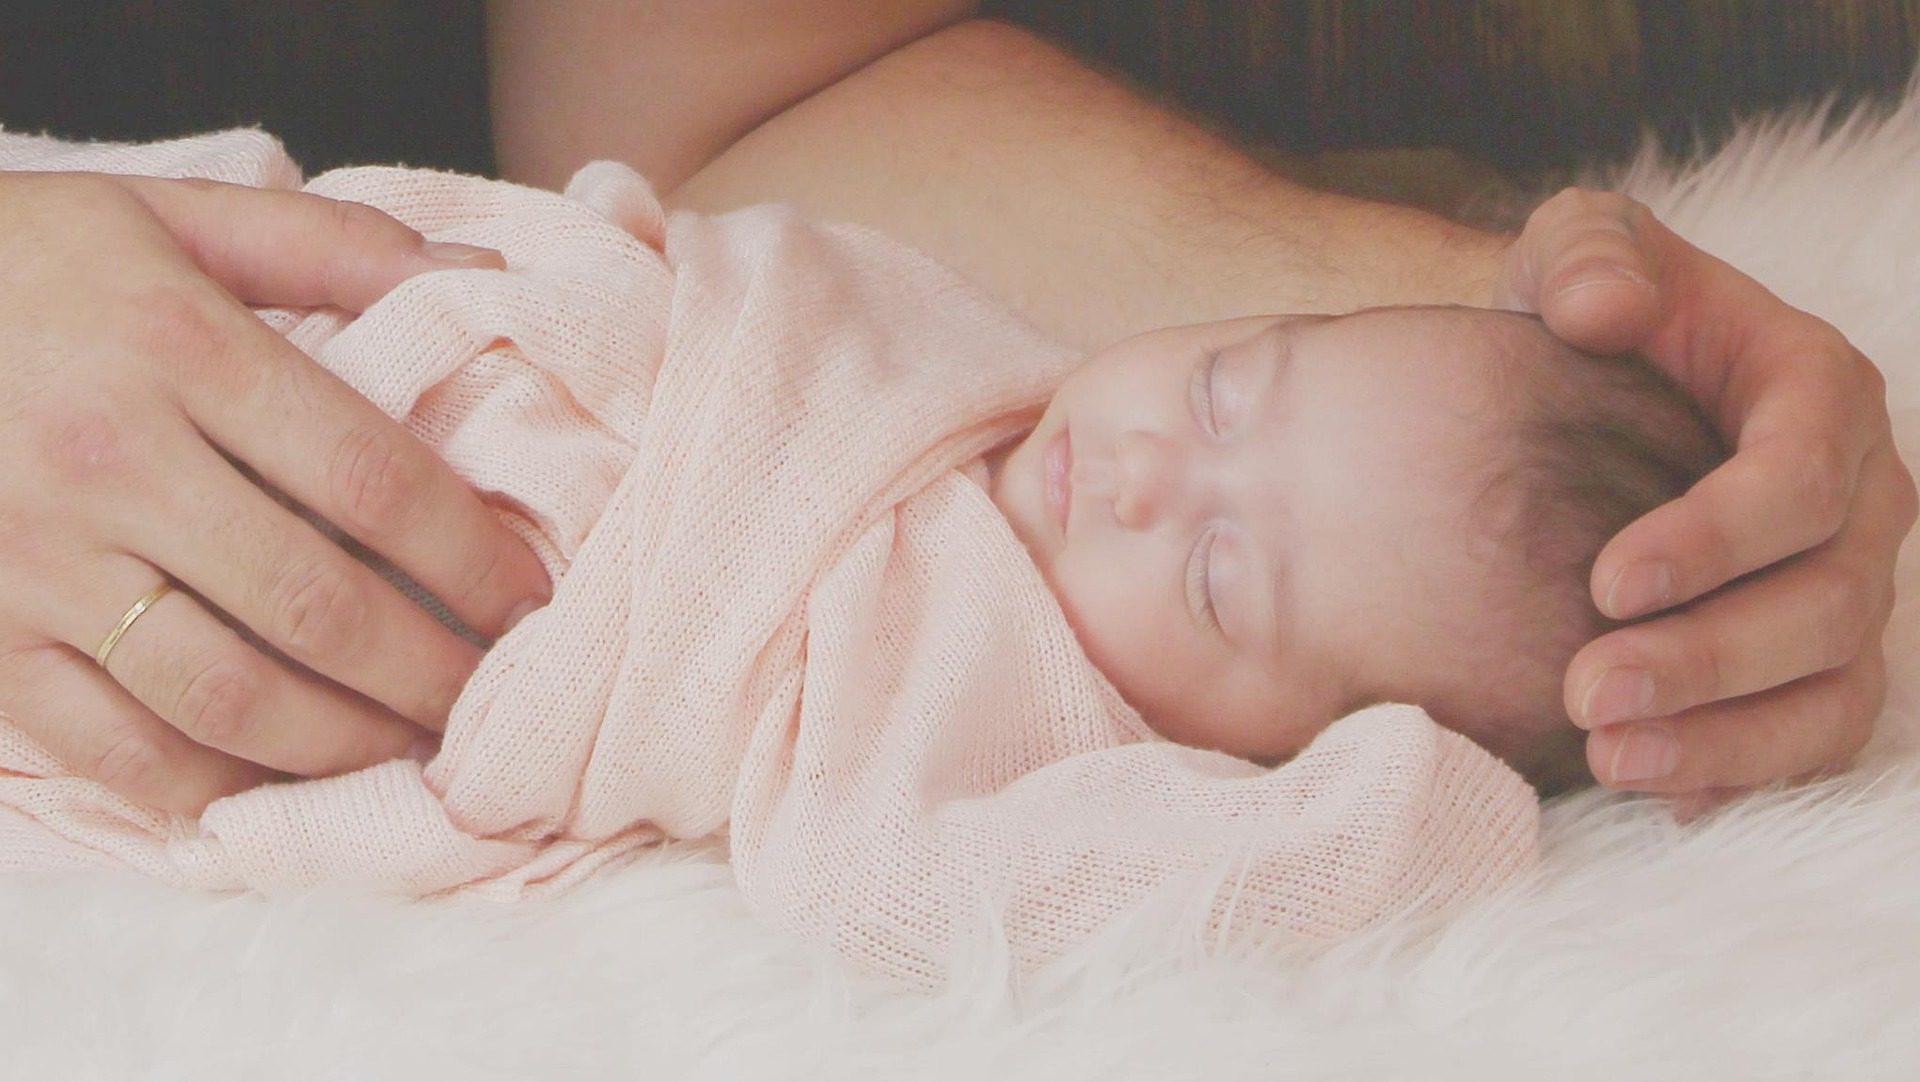 Niedotlenienie dziecka w trakcie porodu – jakie mogą być skutki?